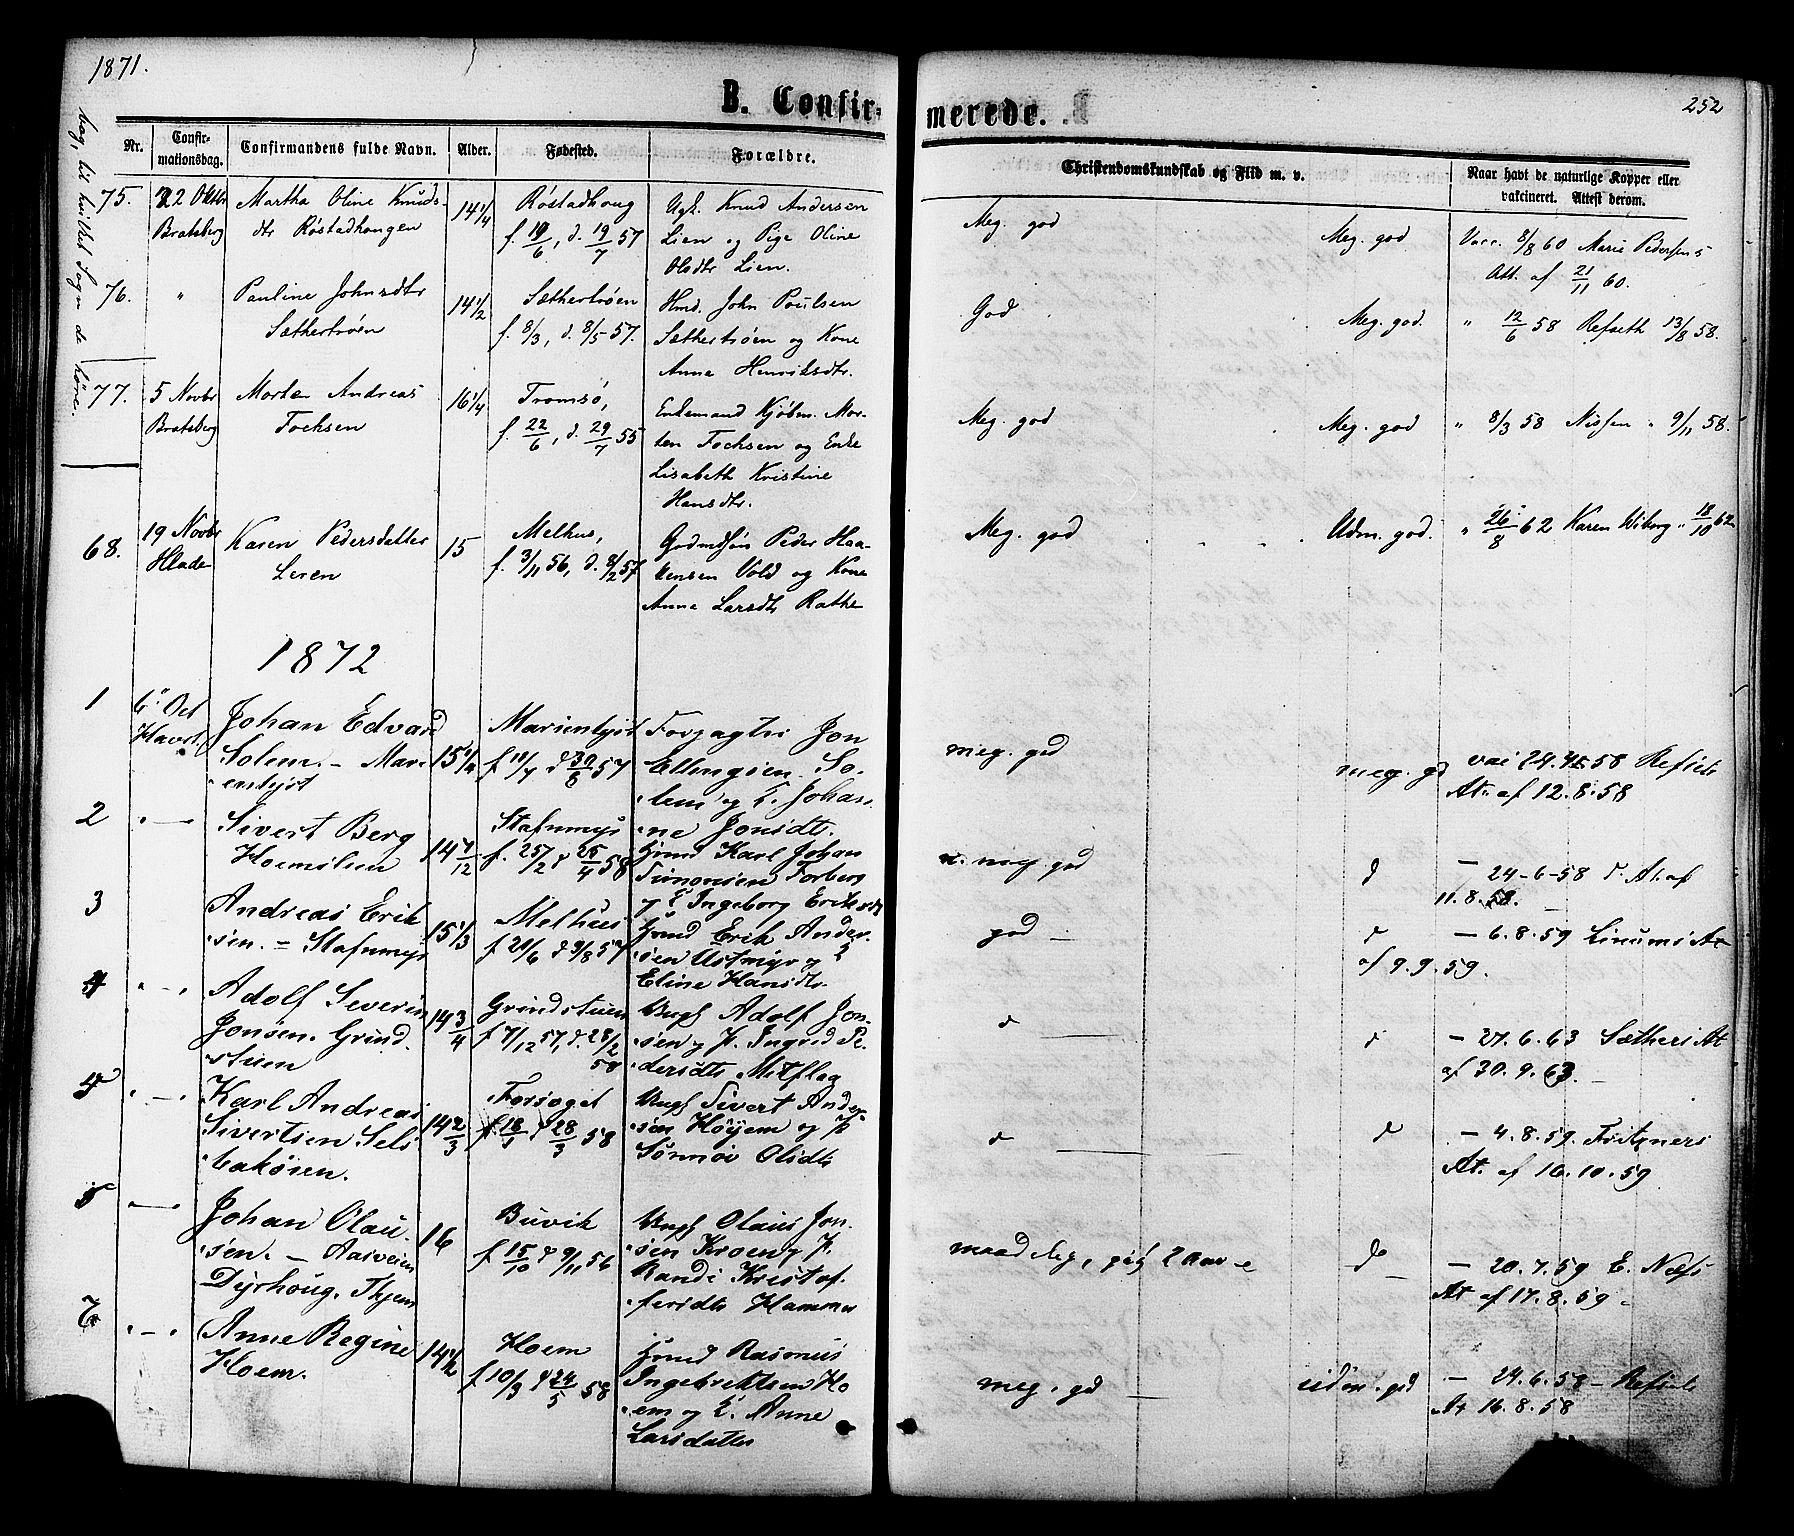 SAT, Ministerialprotokoller, klokkerbøker og fødselsregistre - Sør-Trøndelag, 606/L0293: Ministerialbok nr. 606A08, 1866-1877, s. 252